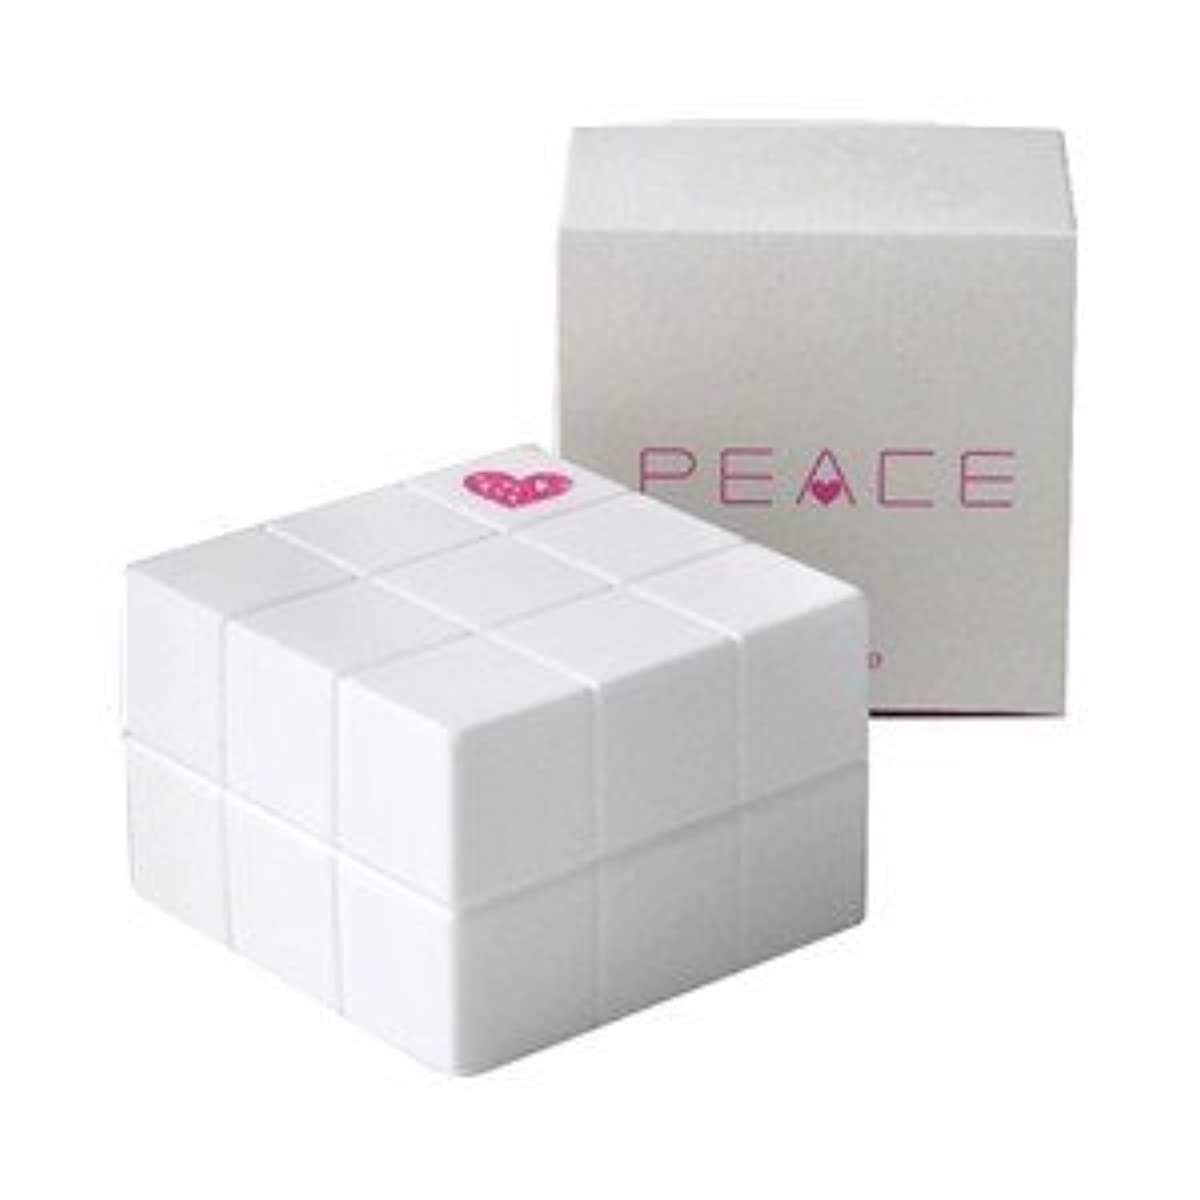 地味なギャンブル寝具アリミノ ピース プロデザイン グロスワックス40g ×2個 セット arimino PEACE